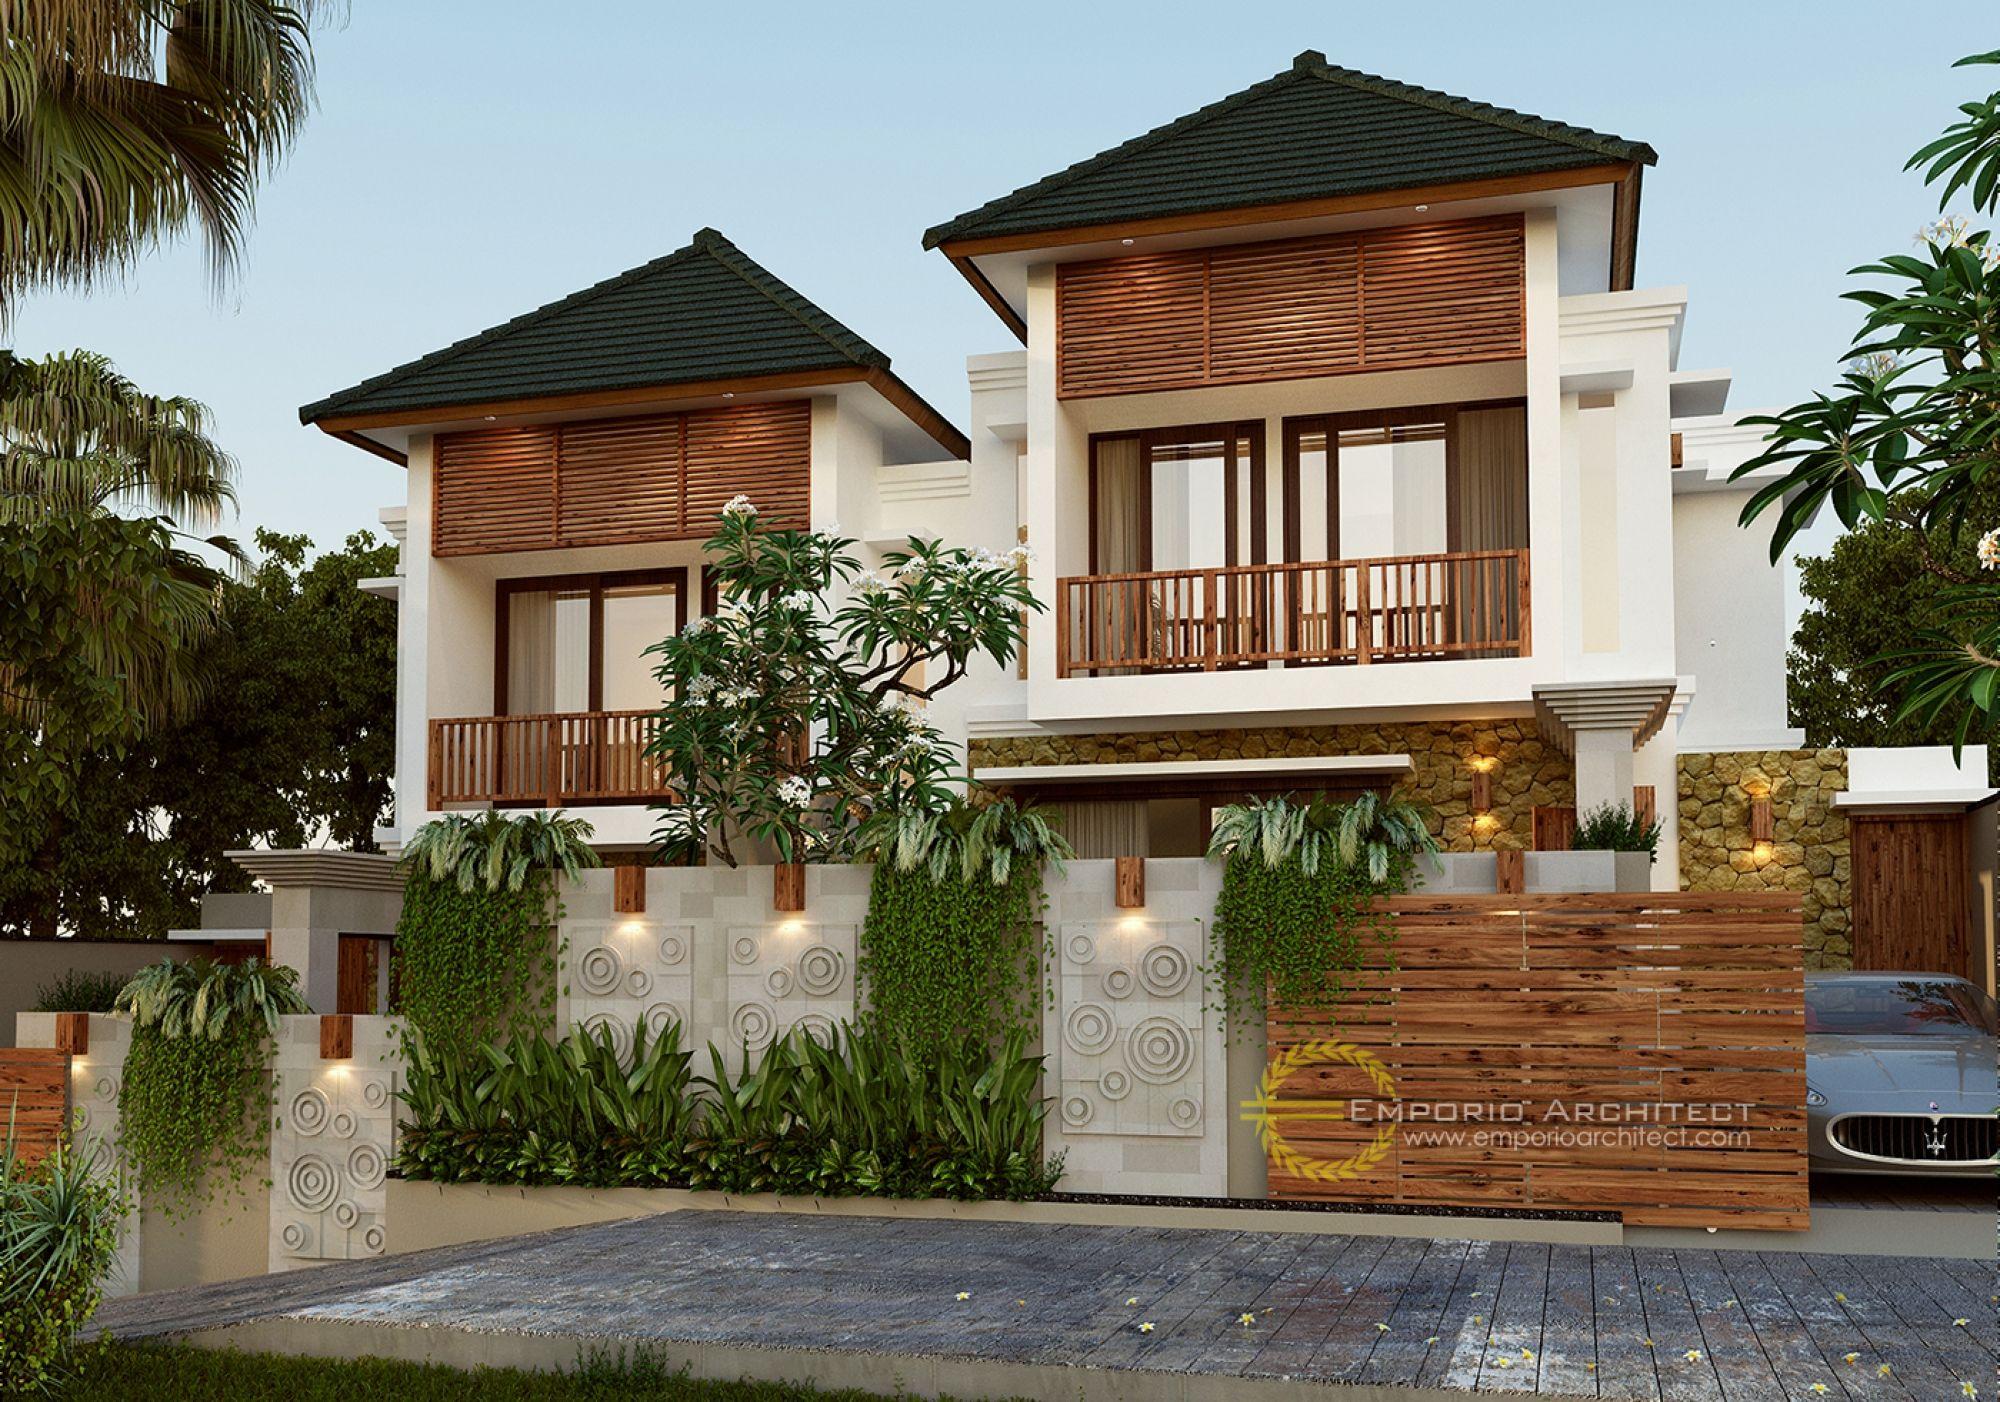 Desain Perumahan Ibu Ratna Di Saba Beach Gianyar Bali Desain Rumah Eksterior Desain Fasad Rumah Pantai